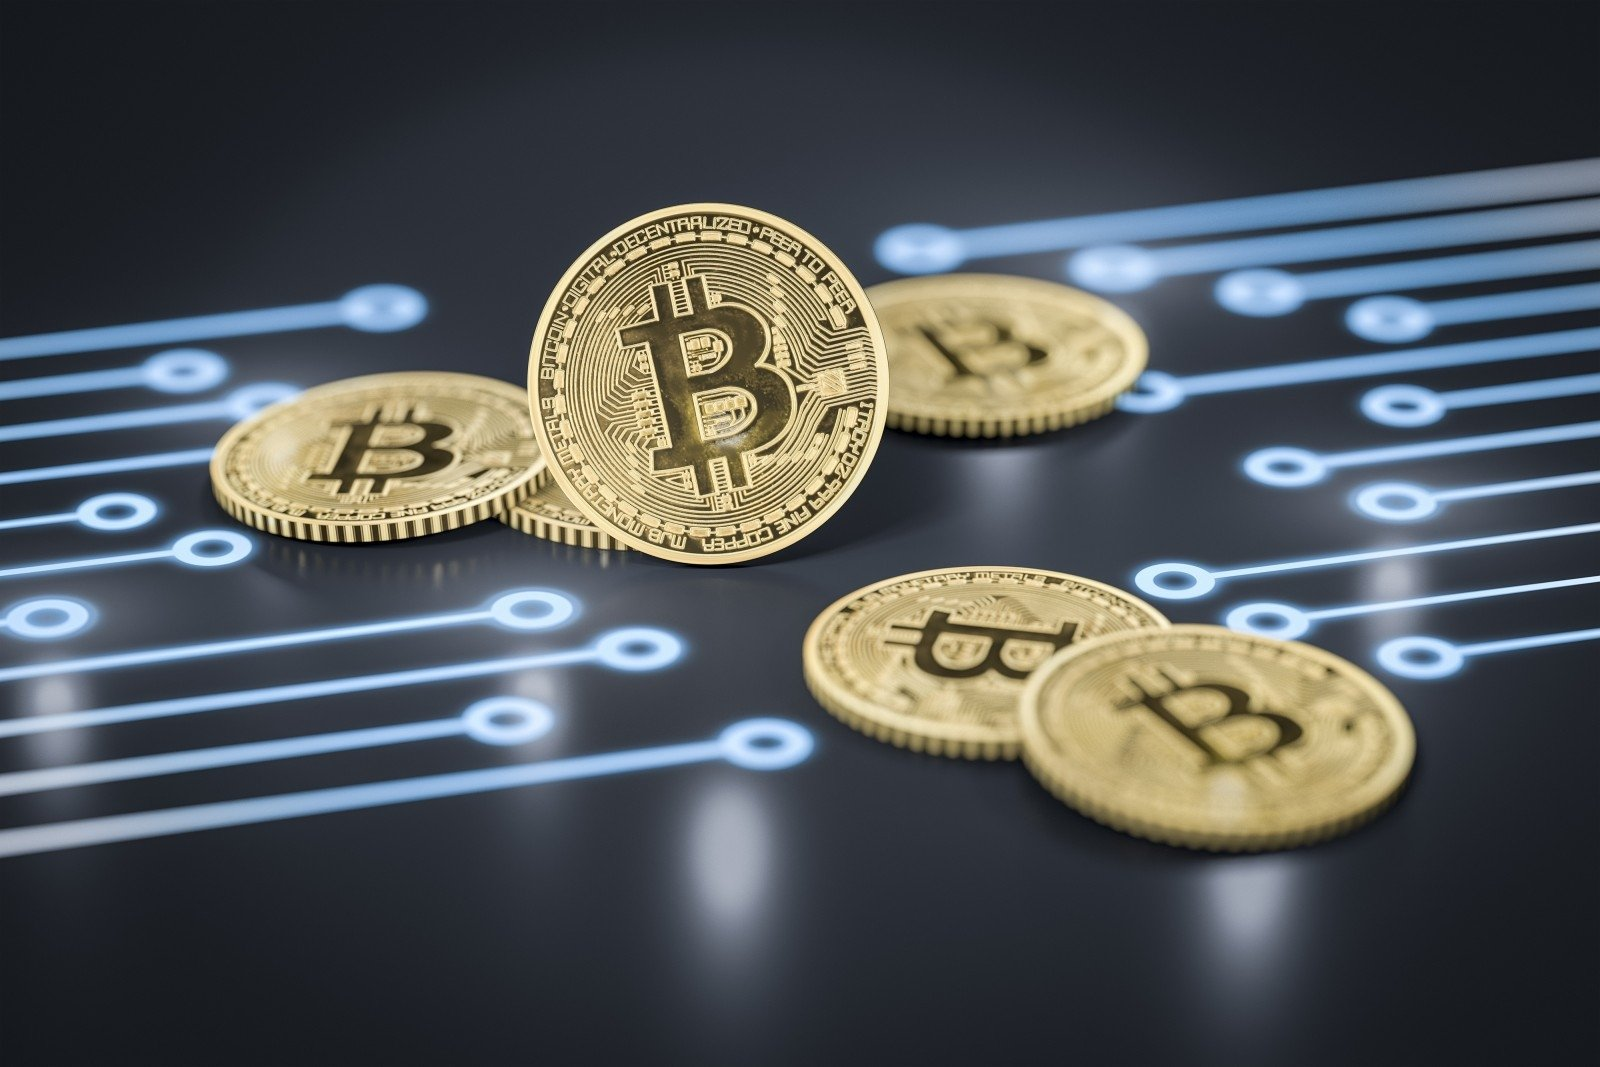 sisteminis kurguzkino akcijų prekybos metodas btcon galite uždirbti